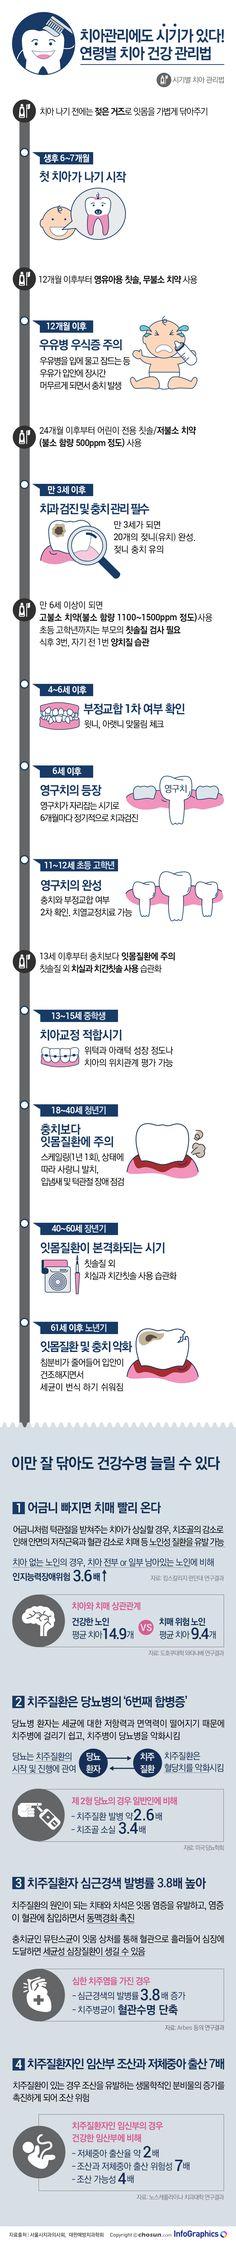 치아건강이 흔들리면 전신건강이 무너진다 - Today's InfoGraphics